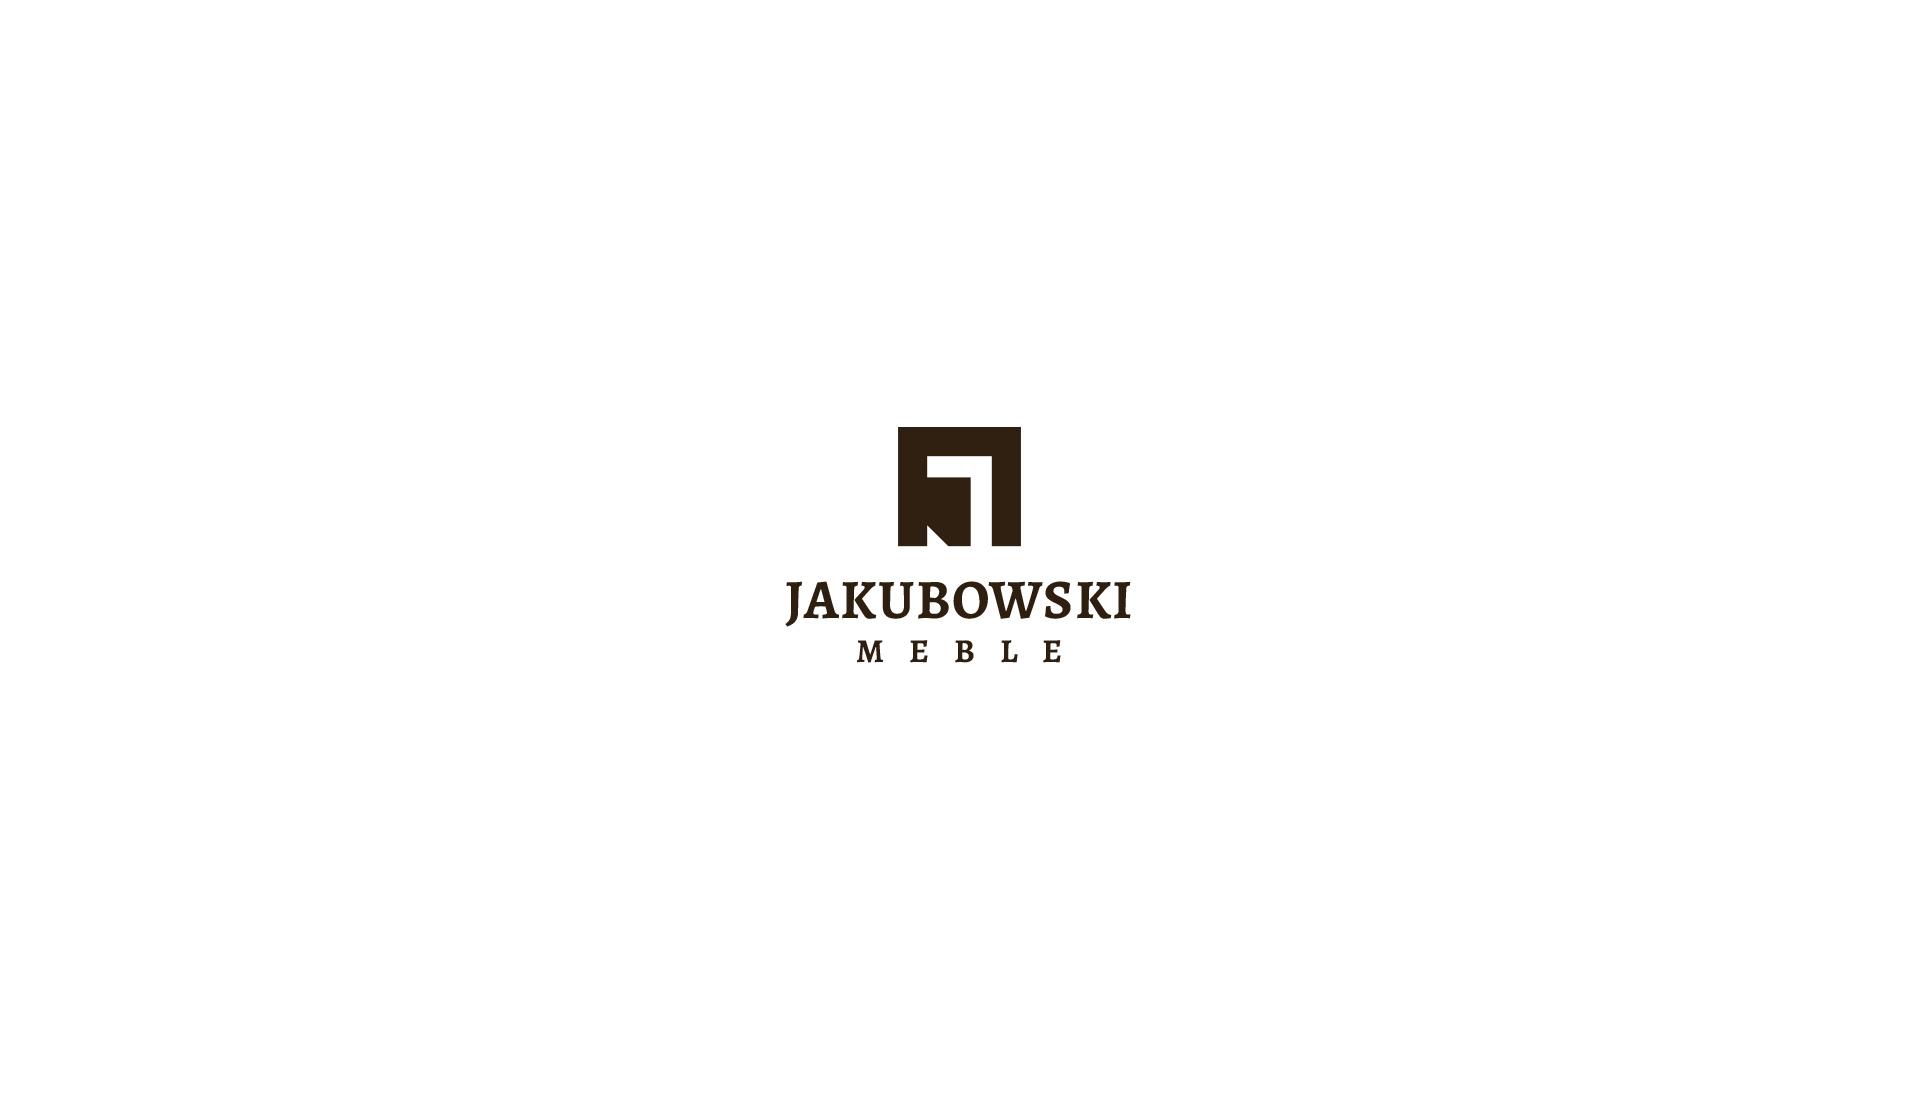 jakubowski1